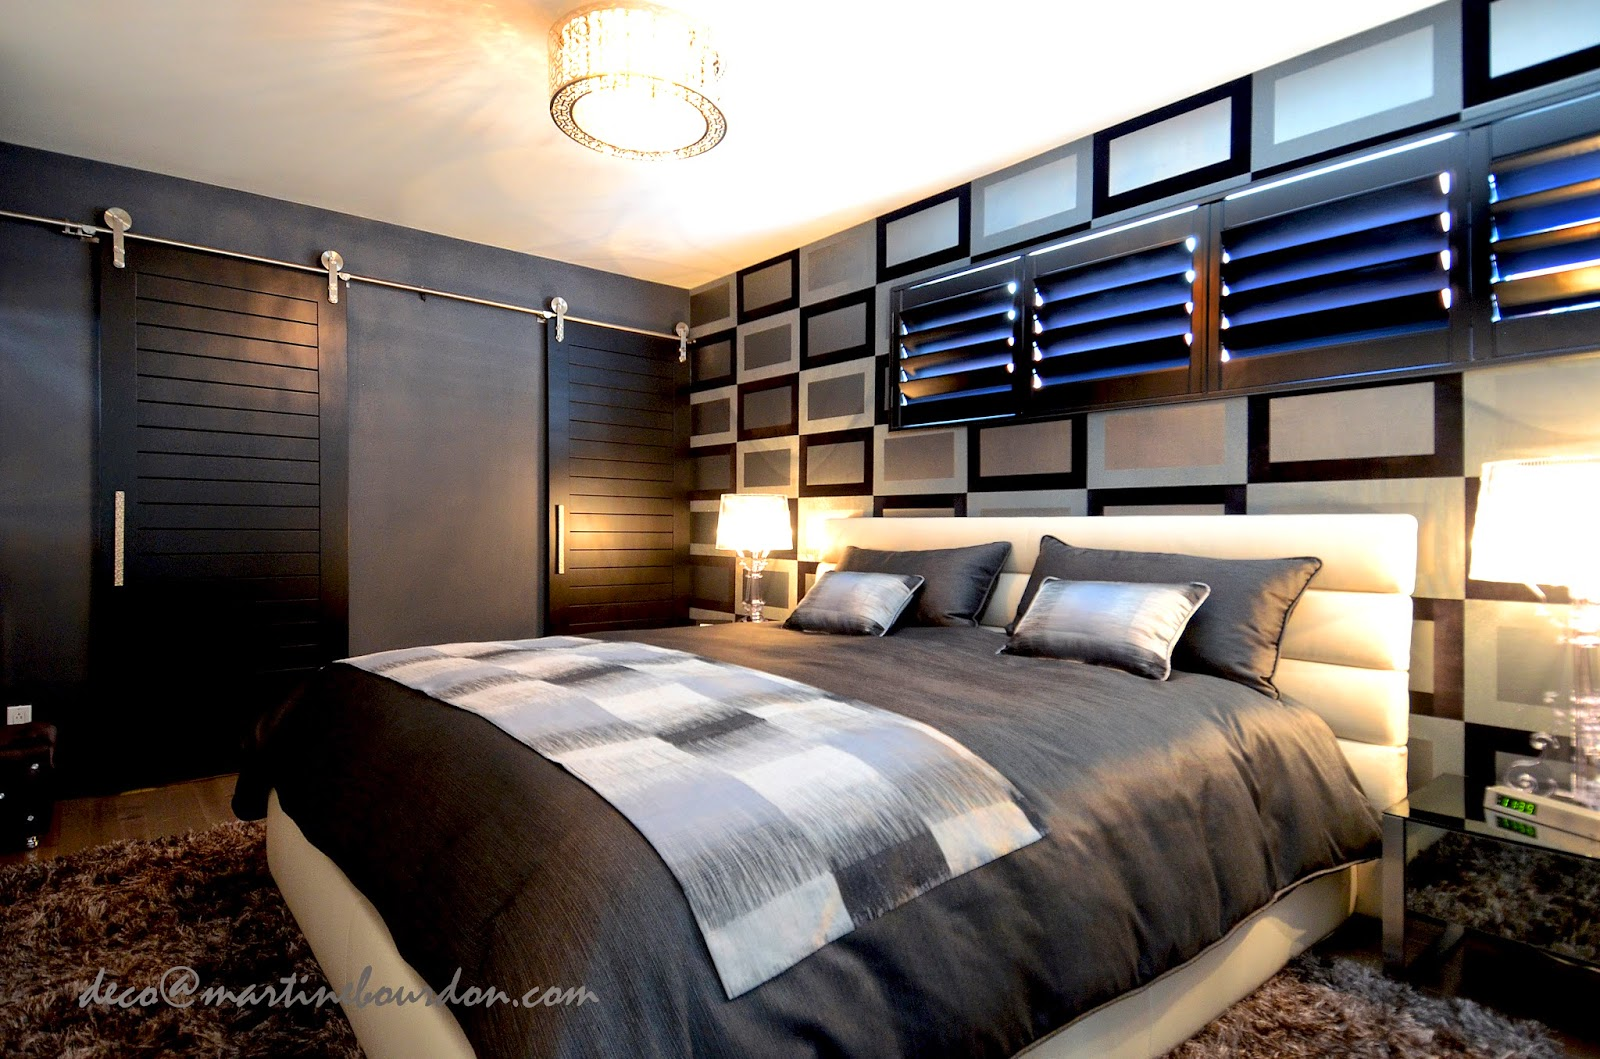 L 39 espace d co un condo une chambre coucher et du style for Deco tendance chambre a coucher